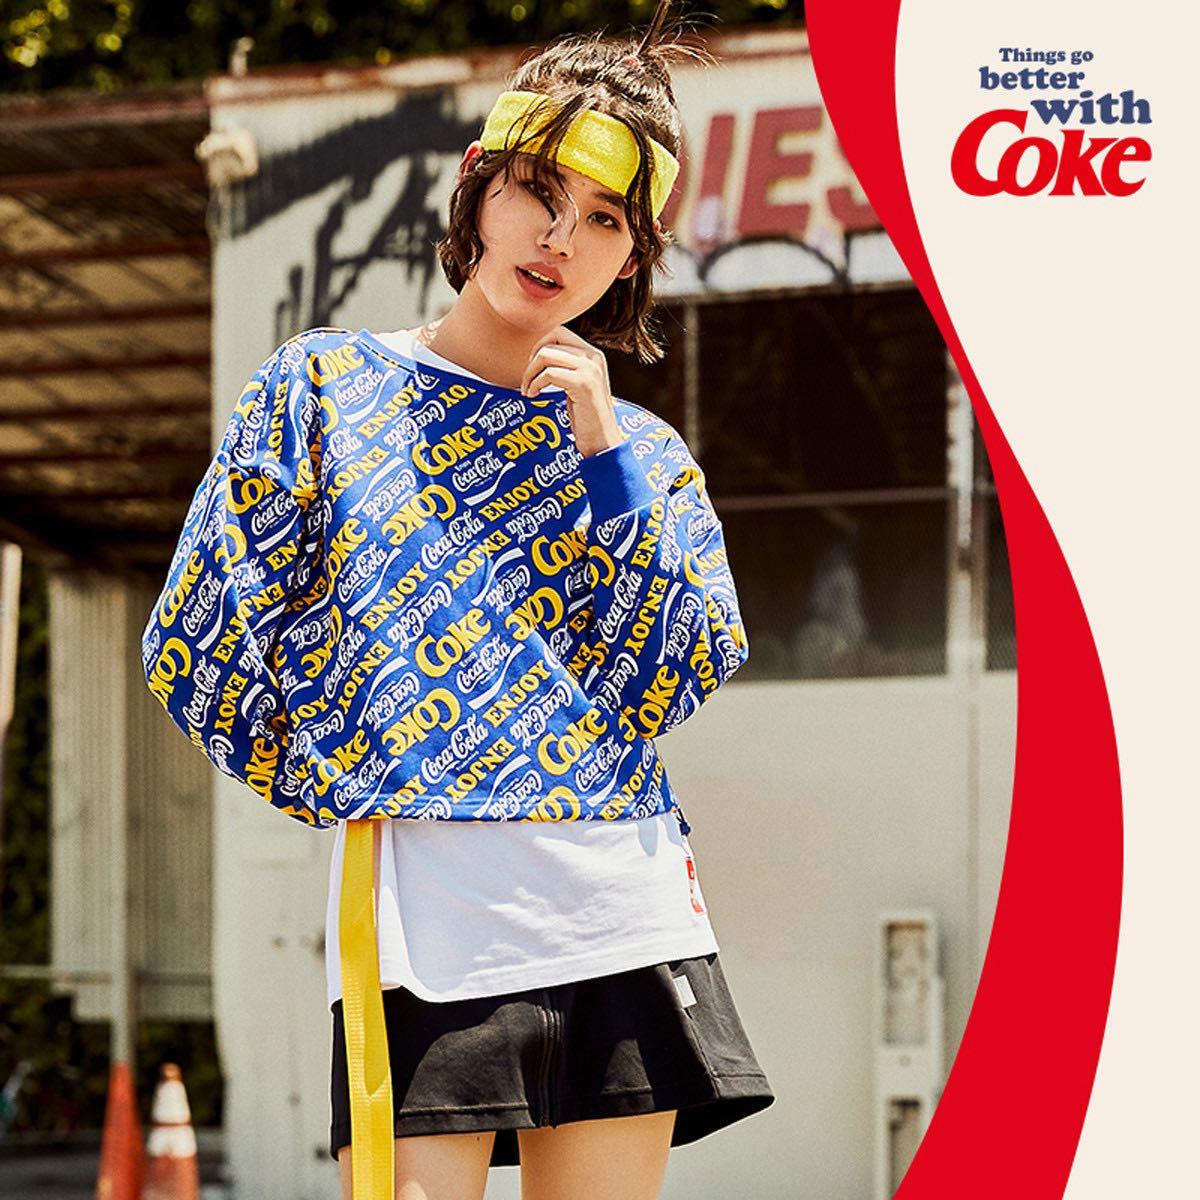 ANTA 安踏 可口可乐联名款 96938747-6 女款运动卫衣